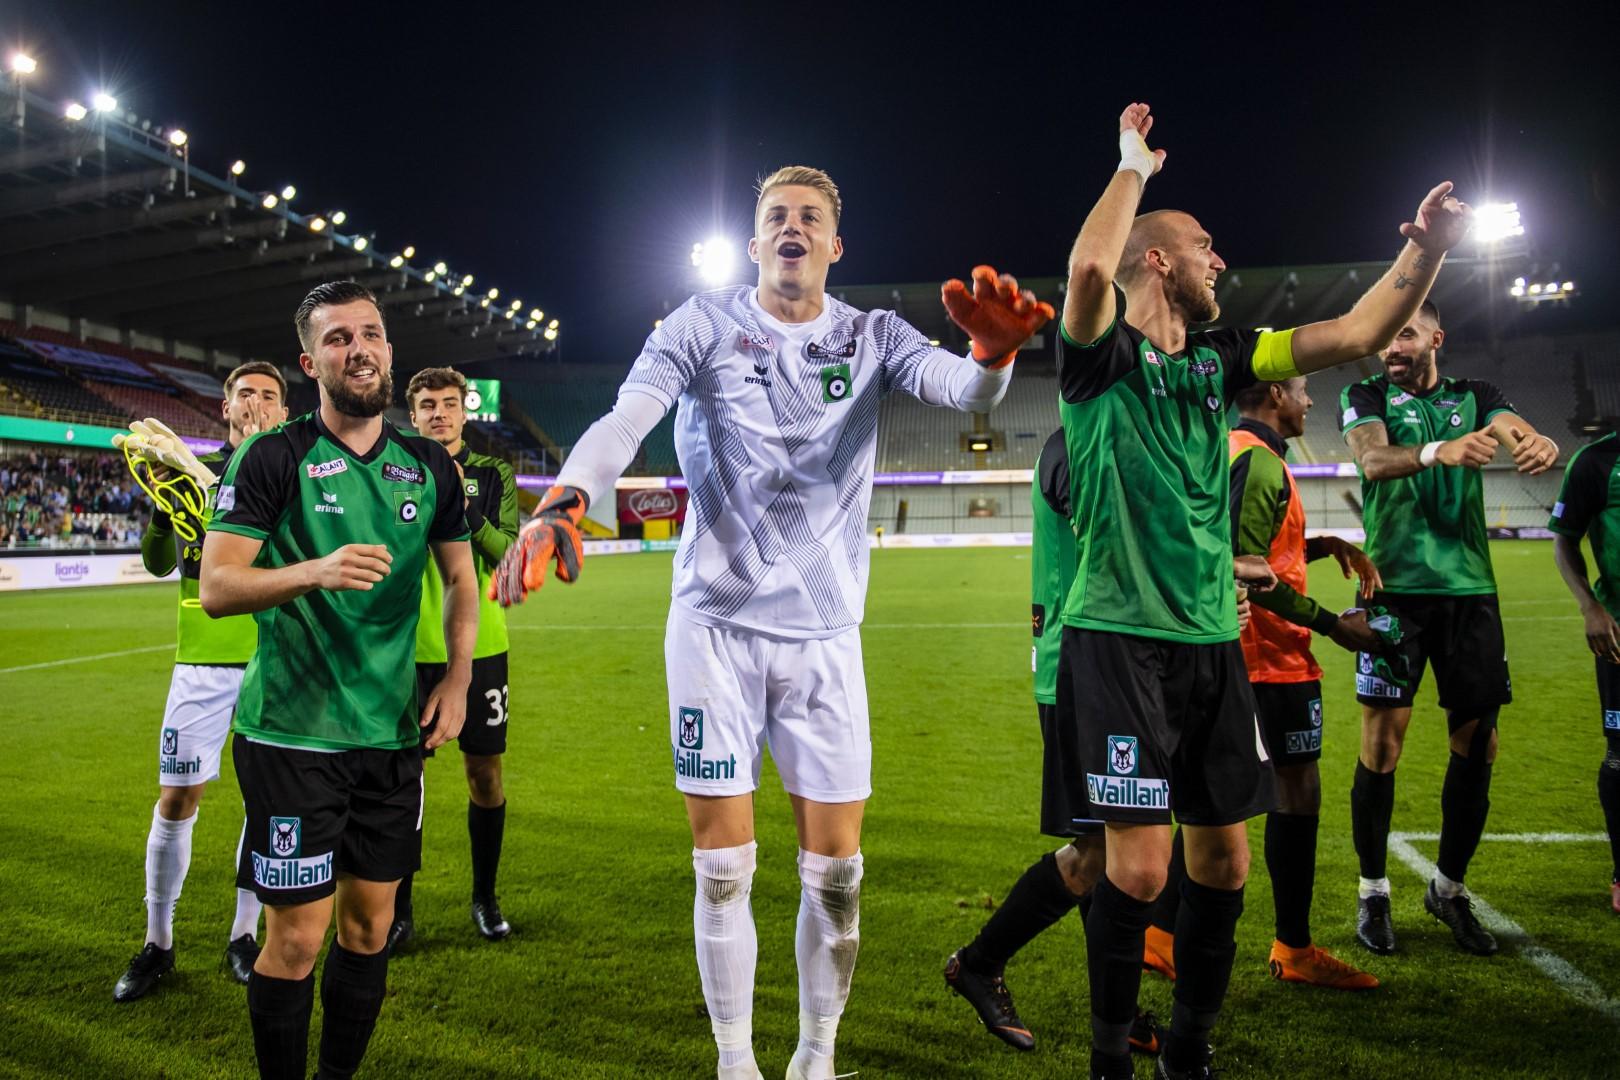 Cercle Brugge KSV v KSC Lokeren OV – Jupiler Pro League